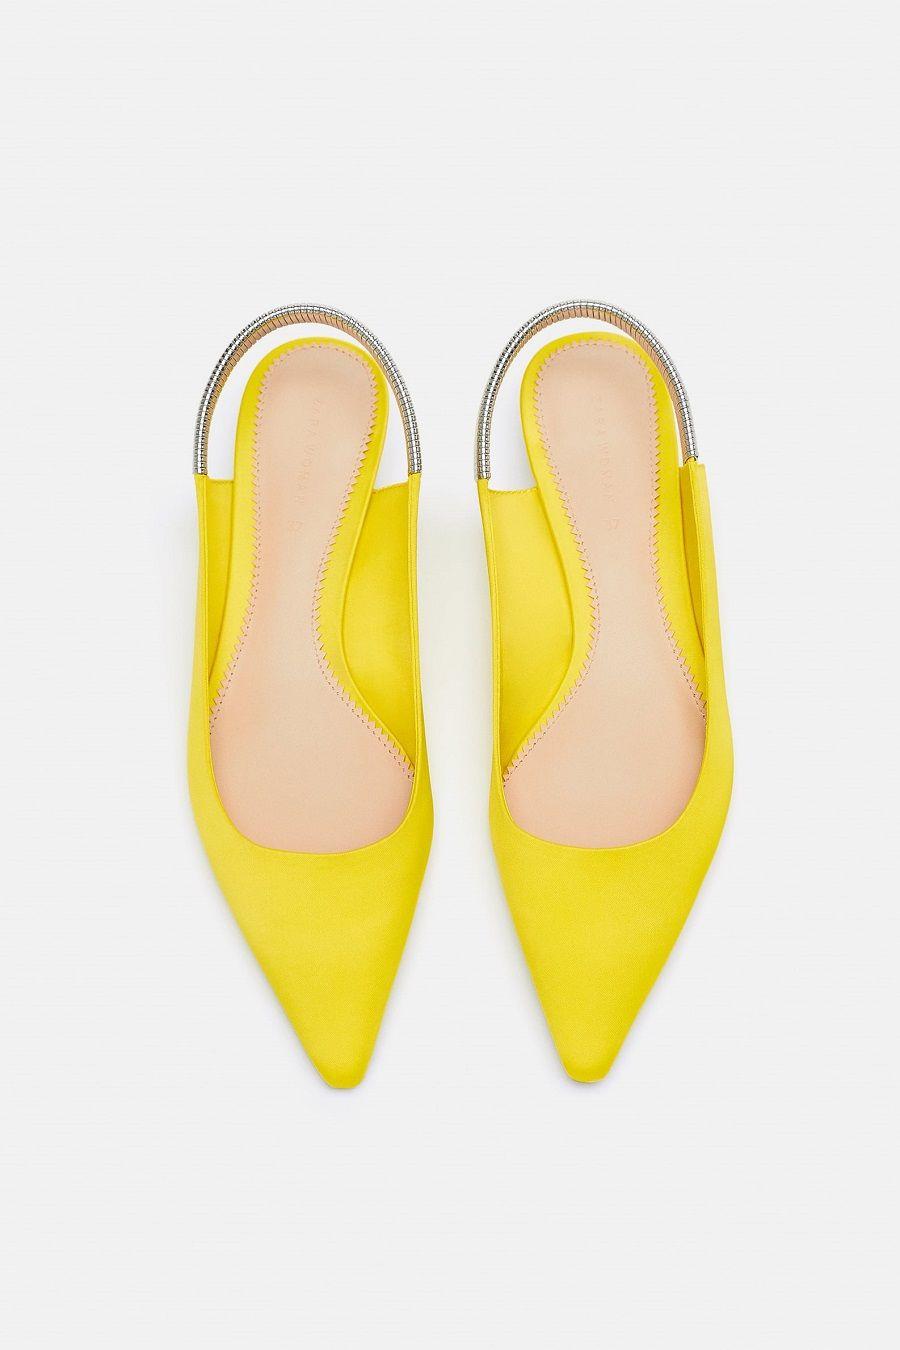 Deretan Sepatu yang Akan Membuat Penampilanmu Makin Chic